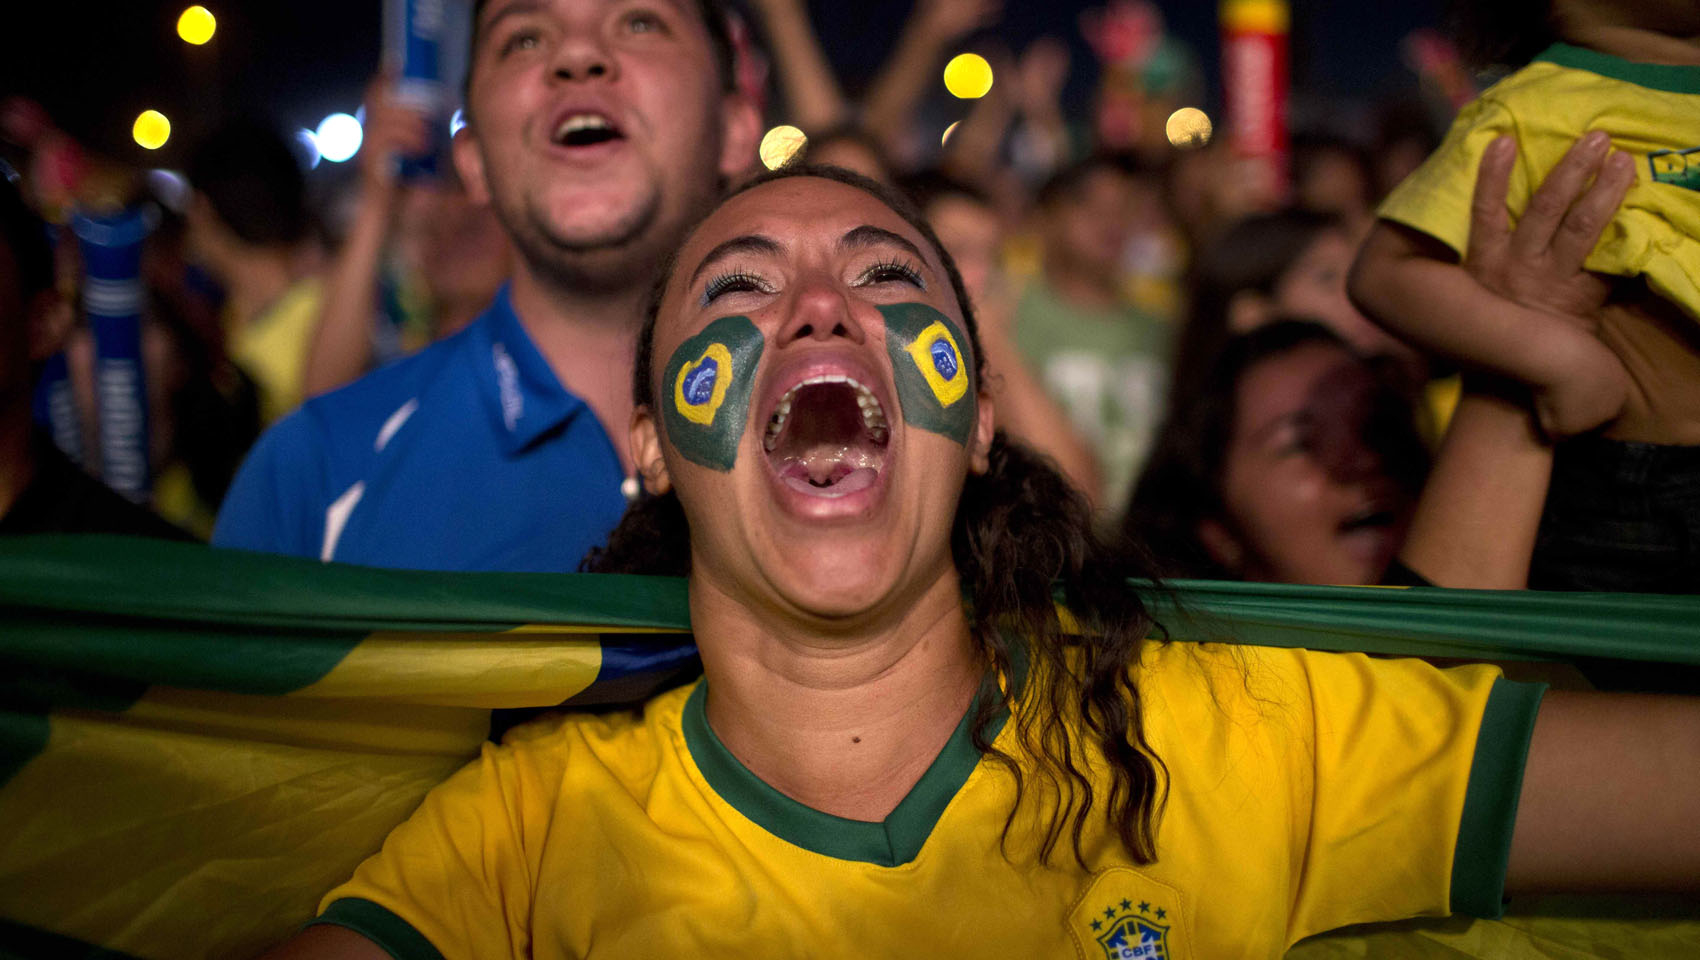 """Estou com imensa saudade do futebol. Porque só a alegria pode """"derrotar"""" o trágico"""